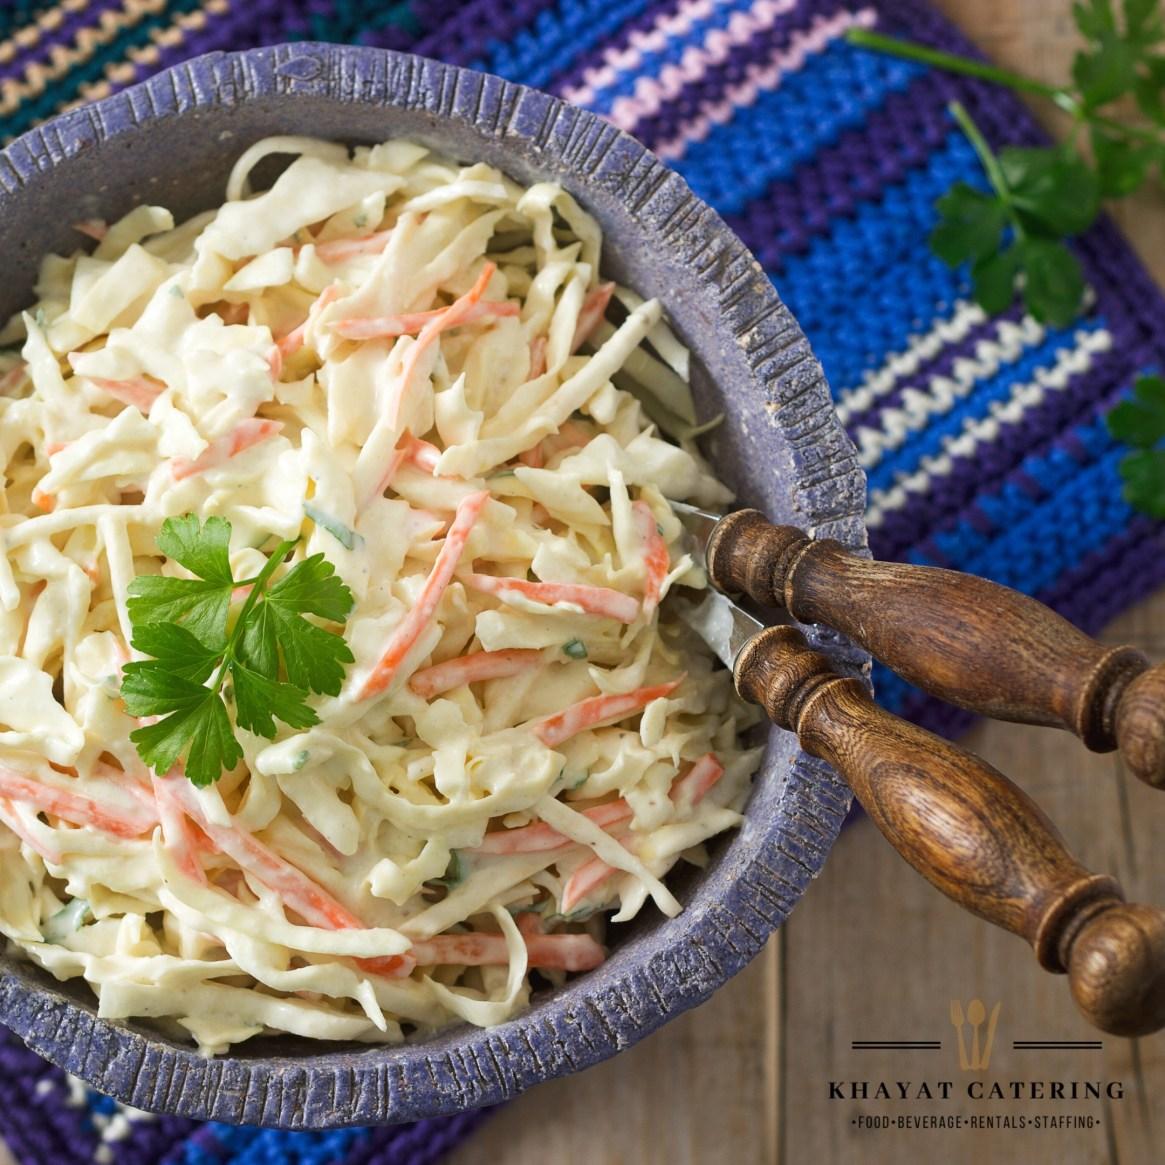 Khayat Catering coleslaw